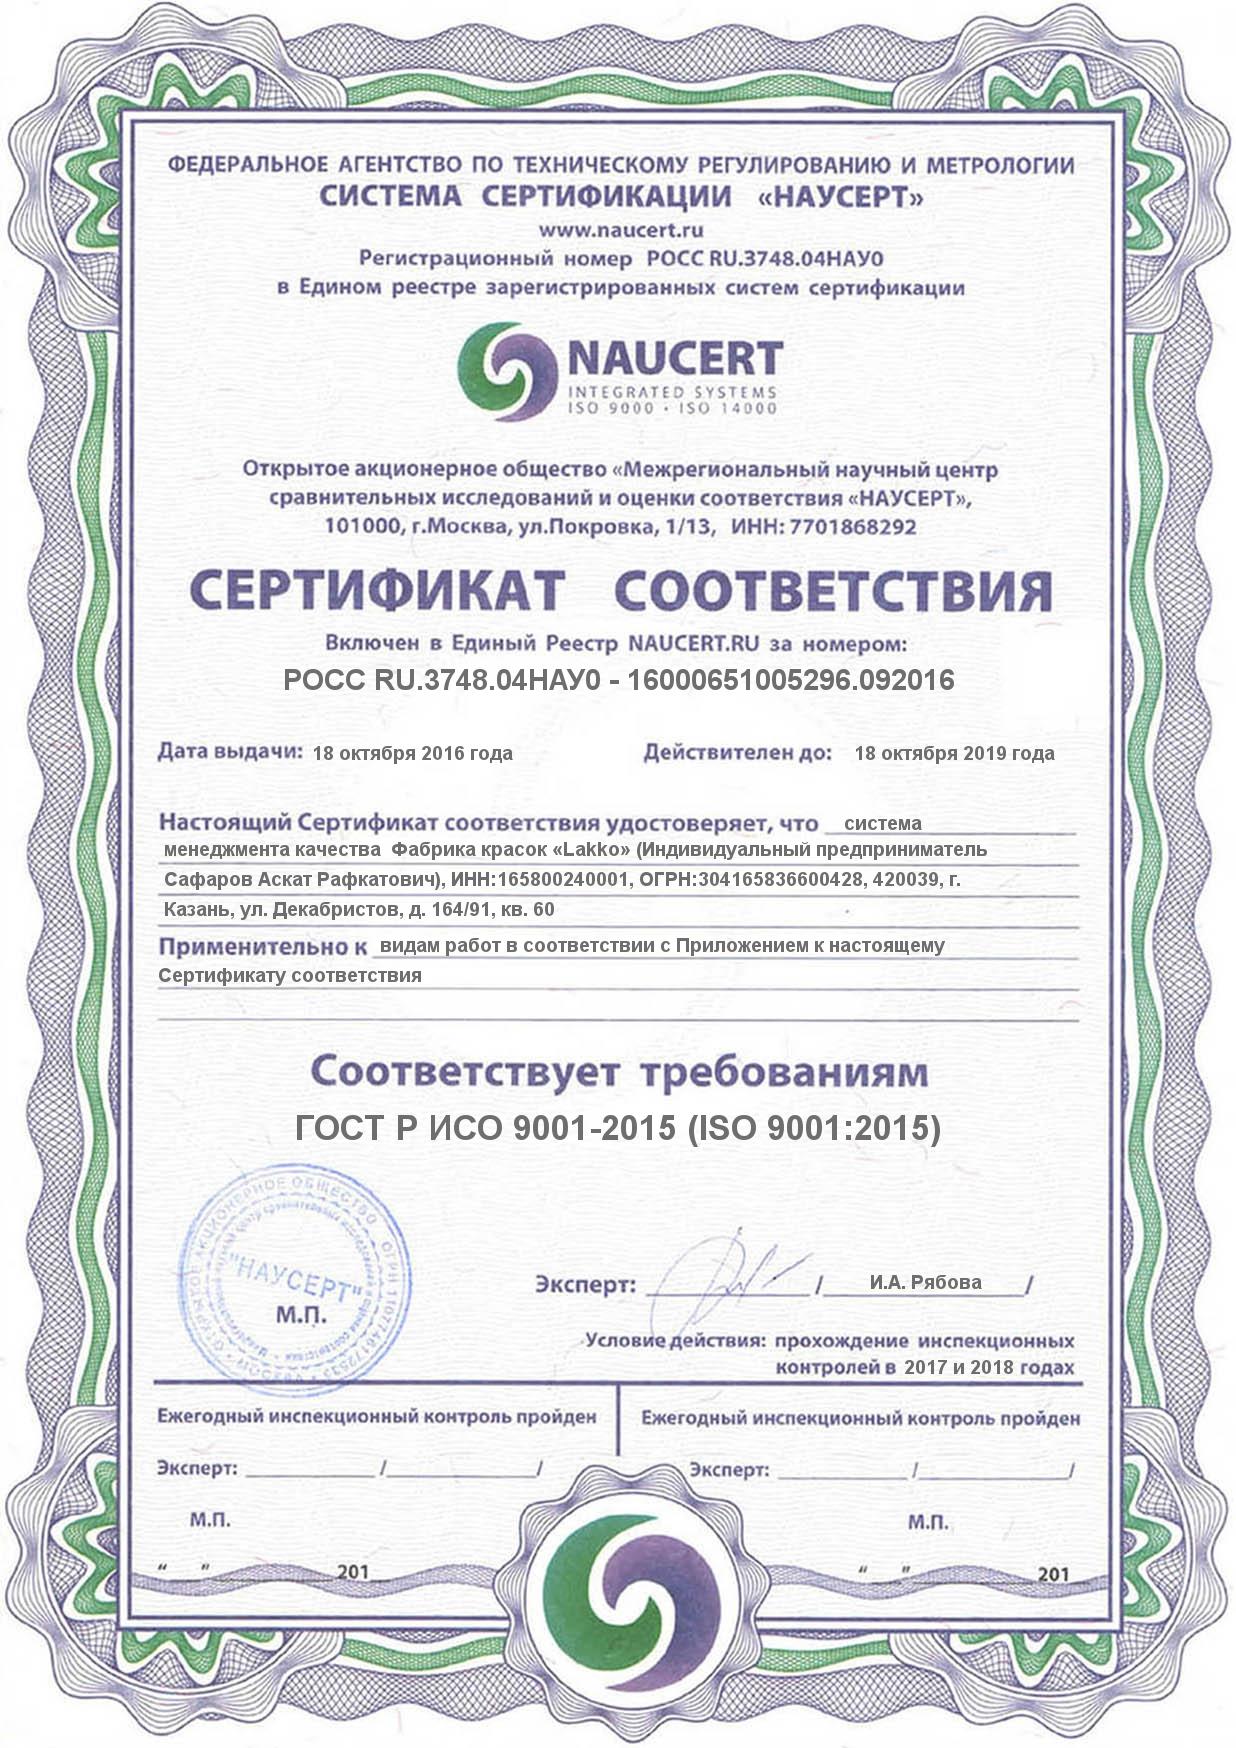 Сертификат исо 9001 казань сертификация рст необязательна для мобильных телефонов